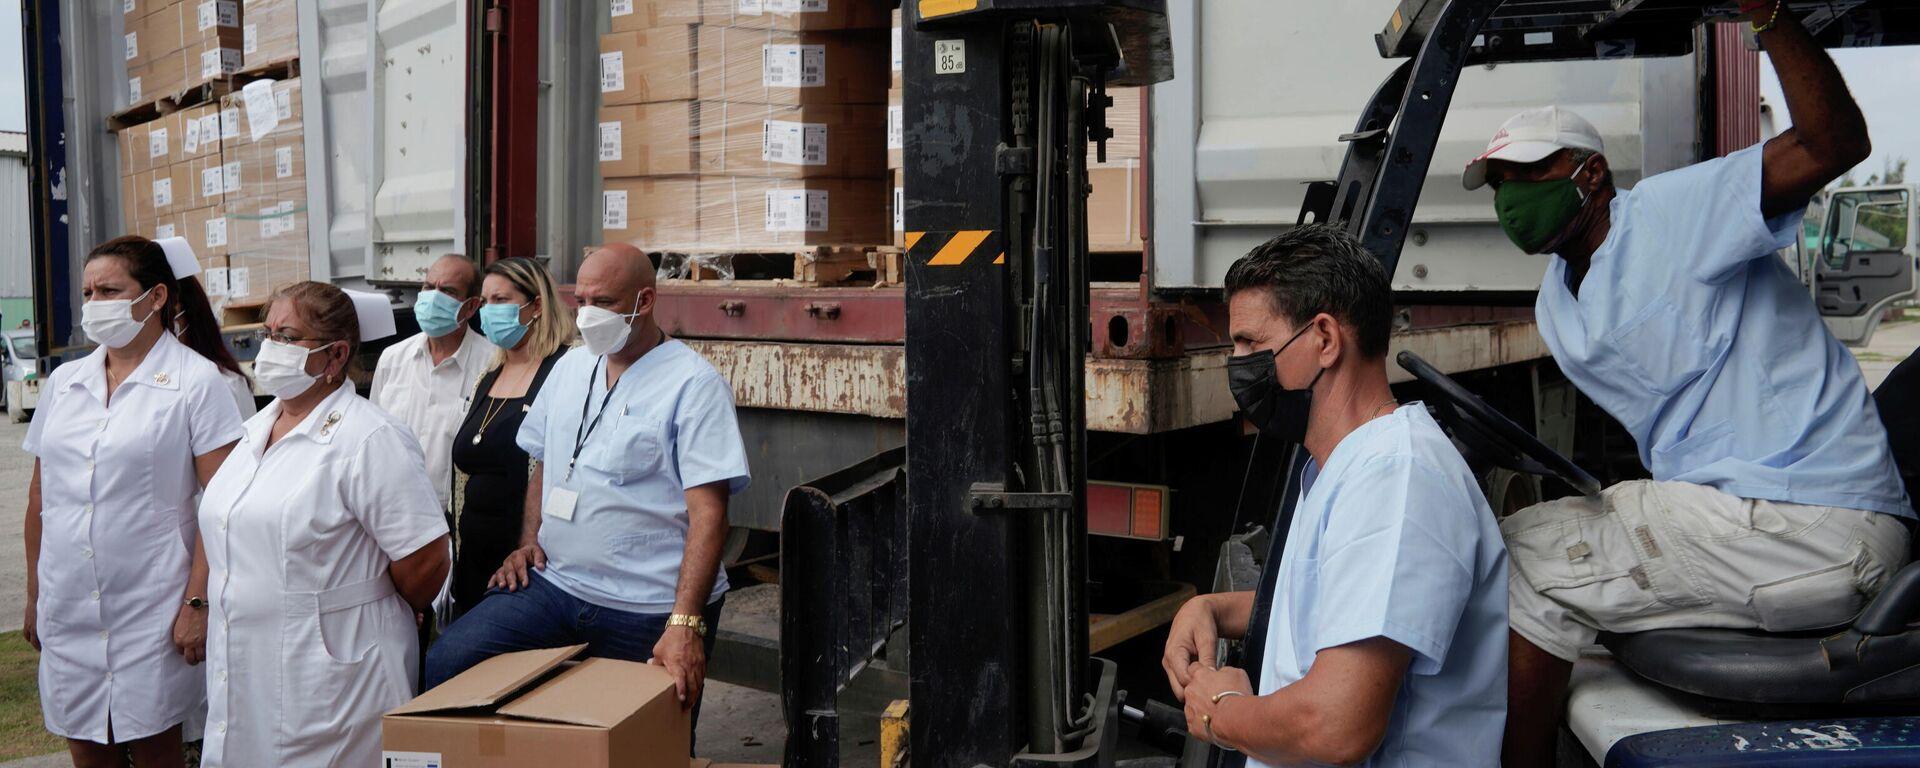 Cuba recibe un lote de jeringuillas donadas por el pueblo de EEUU - Sputnik Mundo, 1920, 23.07.2021